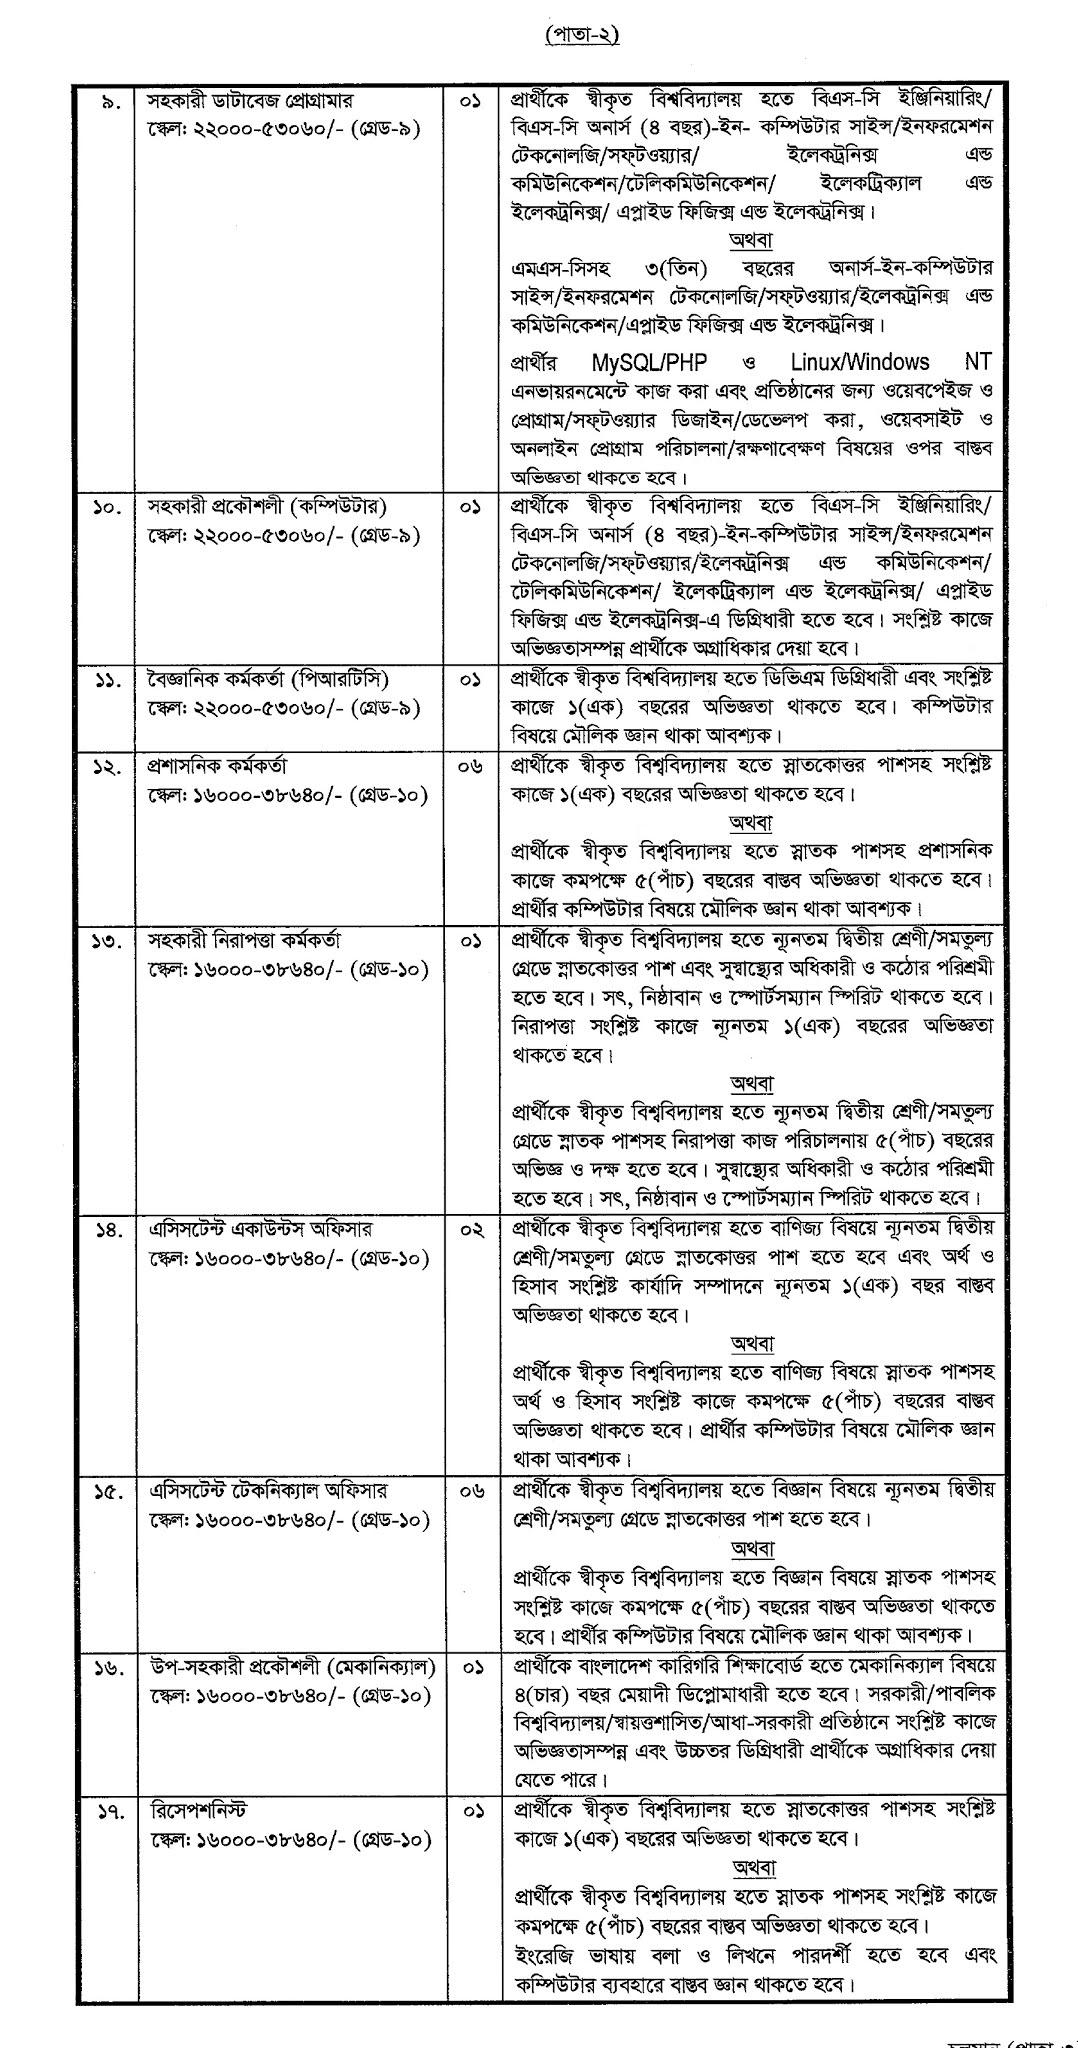 Chittagong Veterinary and Animal Sciences University jobs 2021 - চট্টগ্রাম ভেটেরিনারি বিশ্ববিদ্যালয় নিয়োগ বিজ্ঞপ্তি ২০২১ - চট্টগ্রাম চাকরির খবর ২০২১